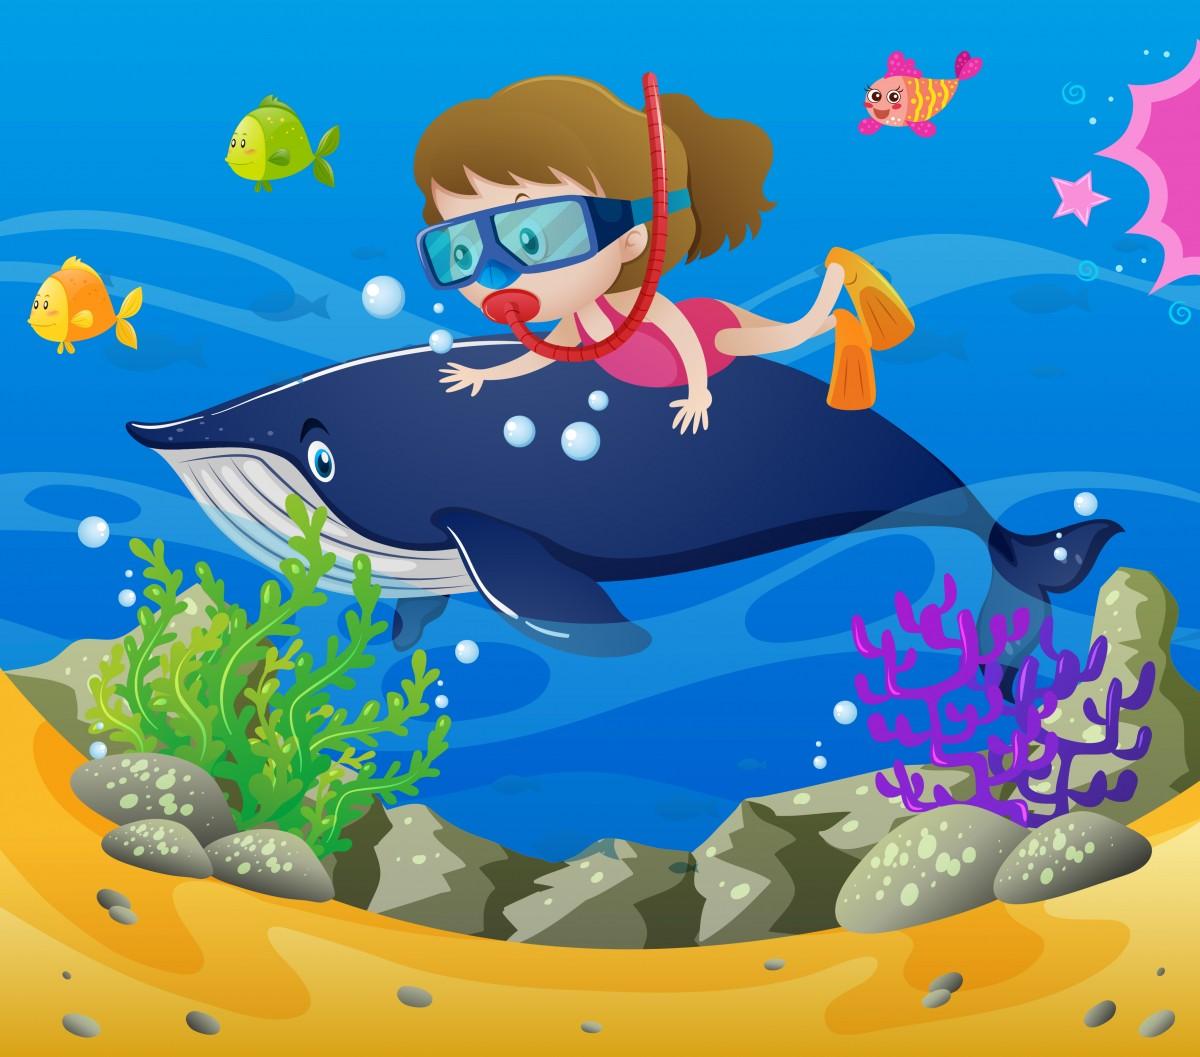 【资讯】想潜入海底两万里吗?十堰首个海洋馆就要开馆啦